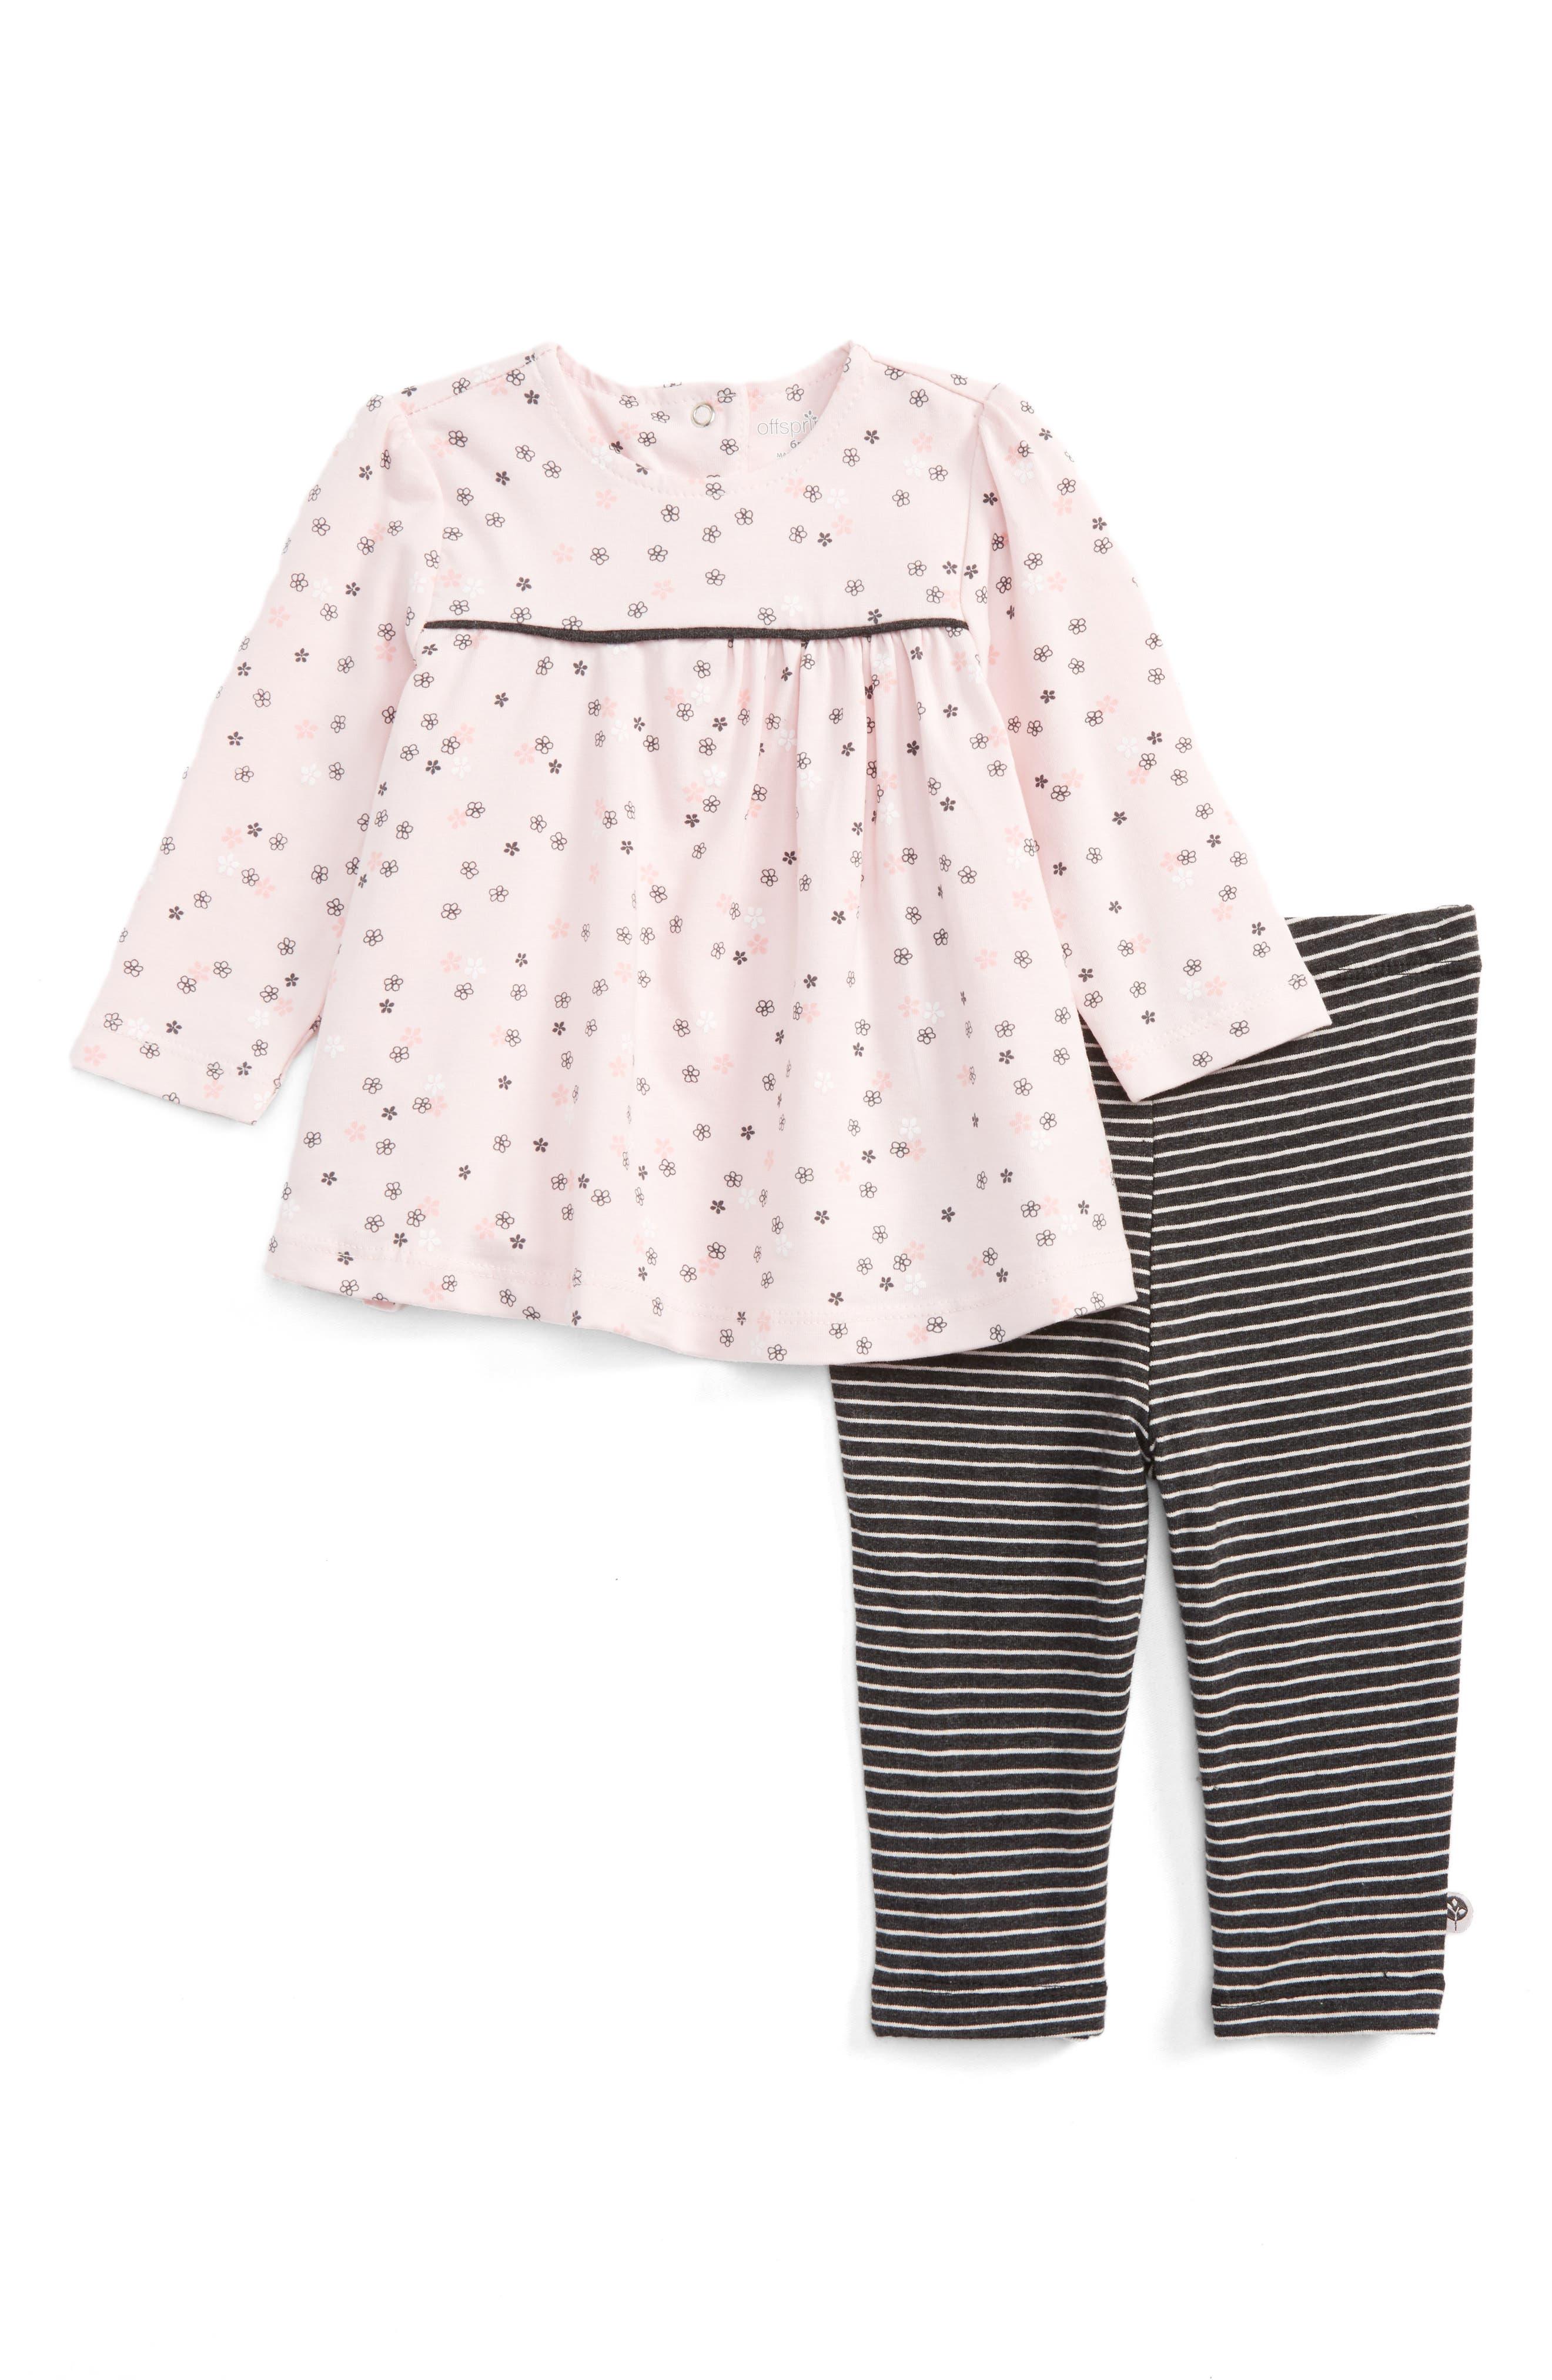 Delicate Blush Tunic & Leggings Set,                             Main thumbnail 1, color,                             699